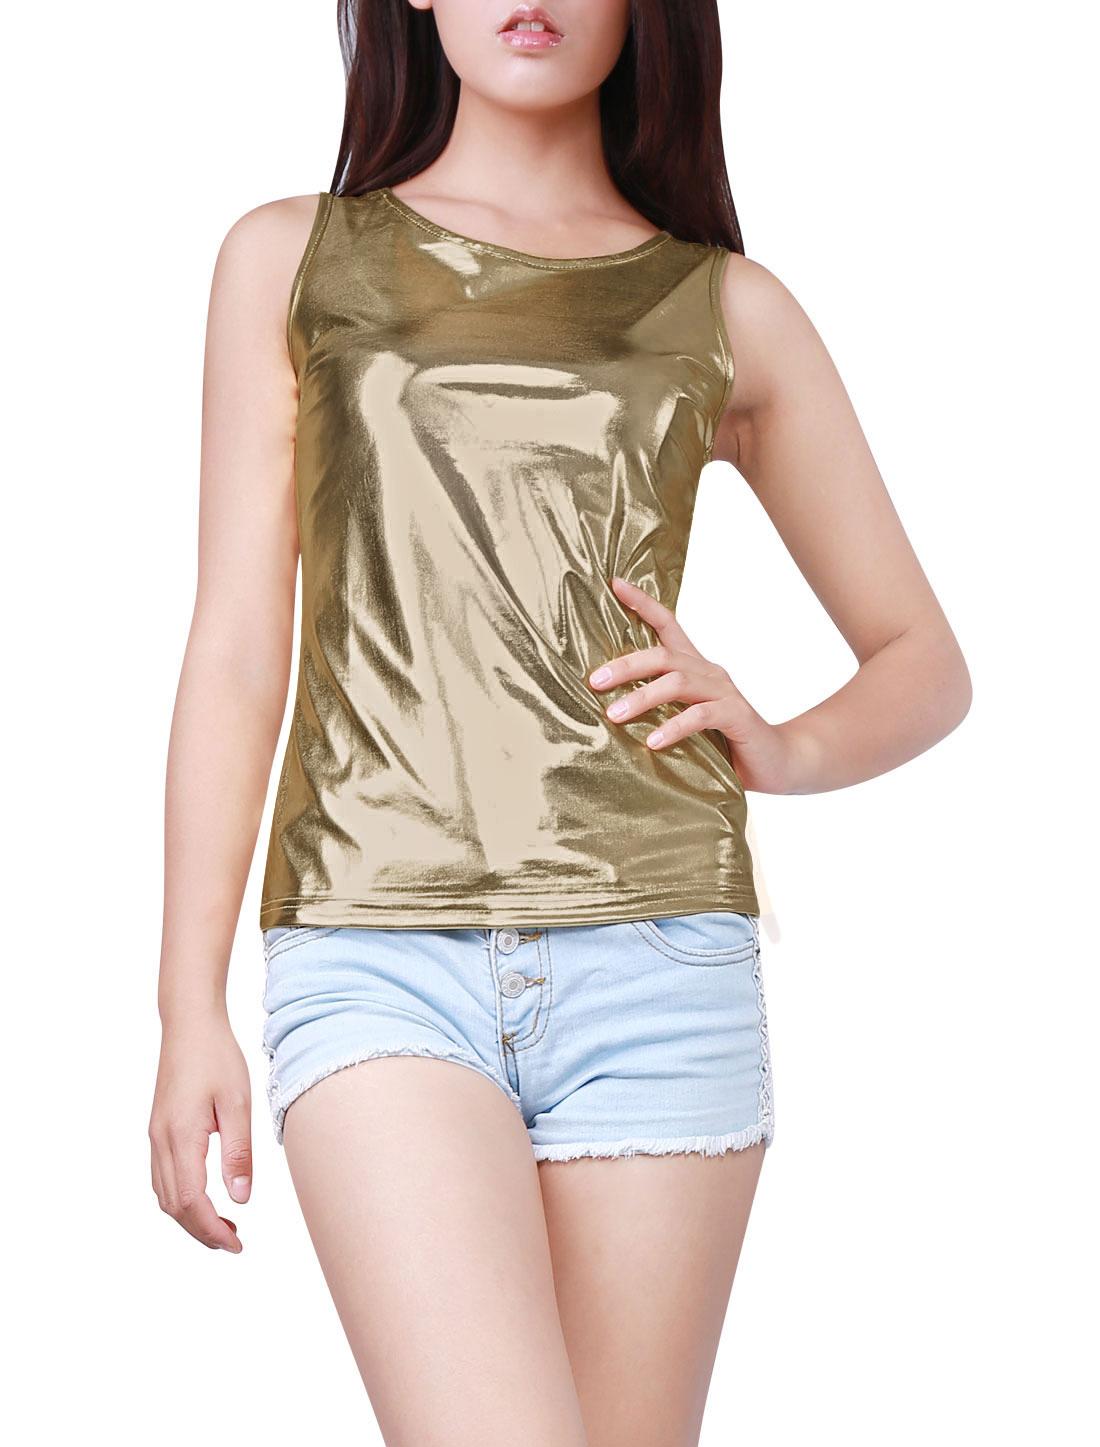 Woman U Neck Stretch Slim Fit Metallic Tank Top Light Gold XL